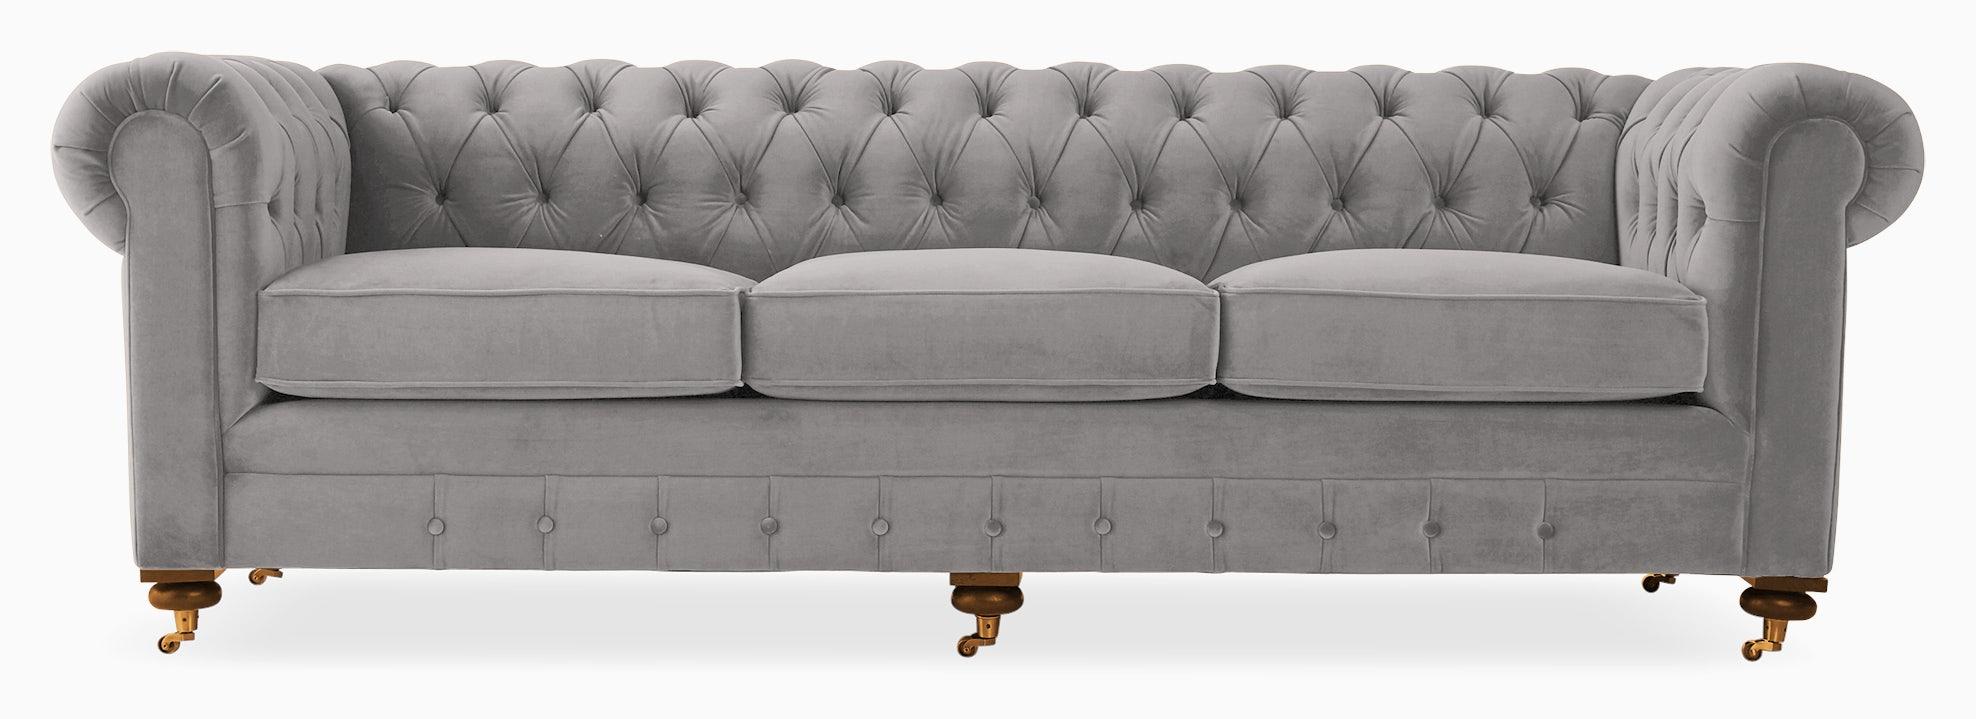 liam sofa taylor felt grey